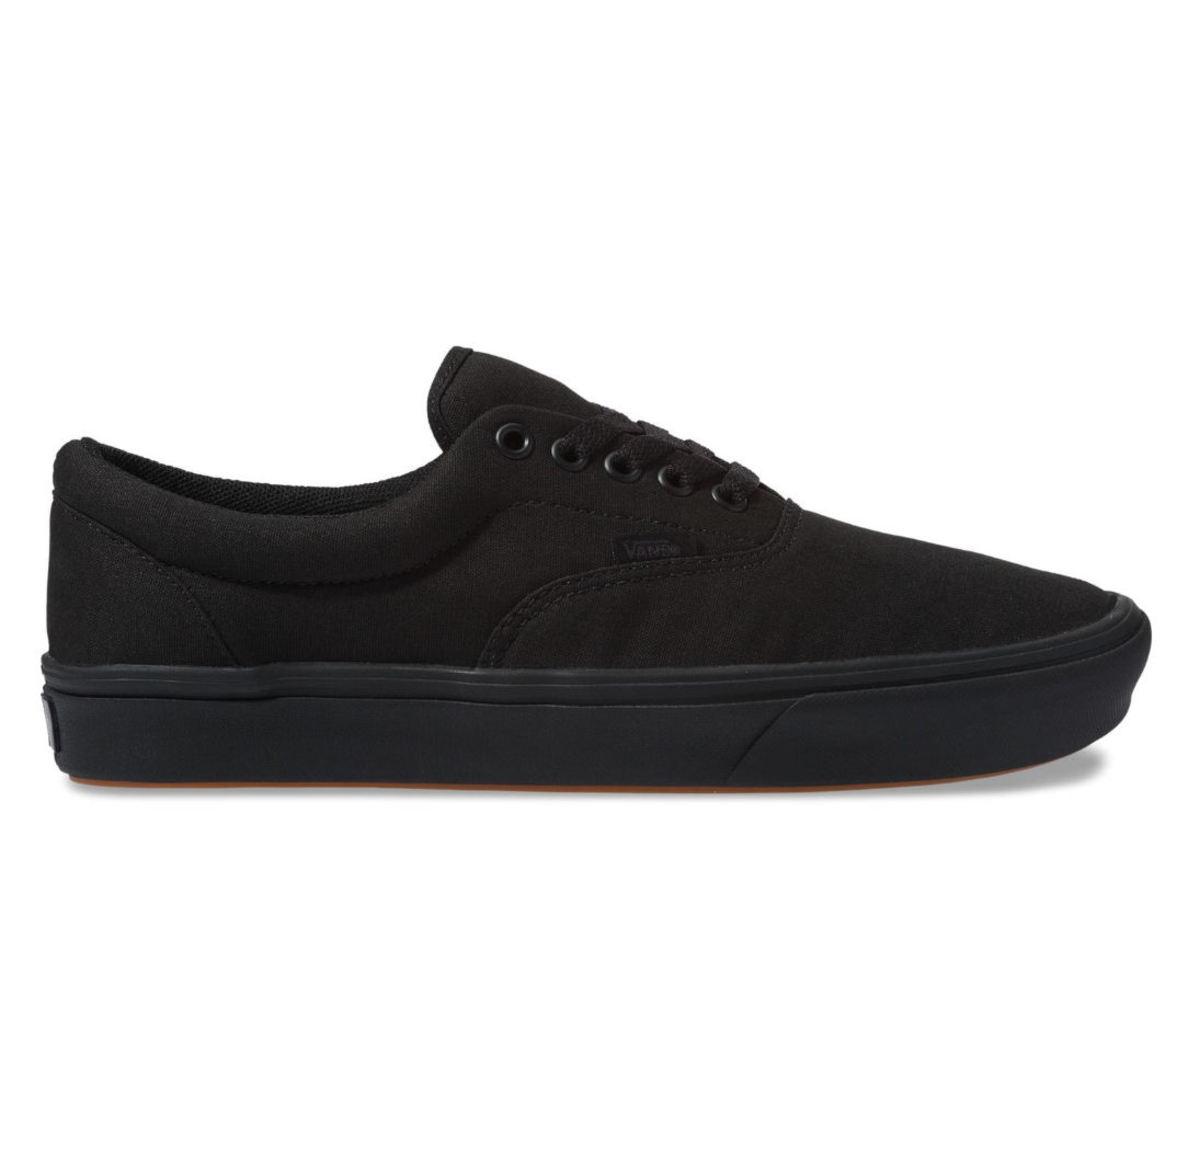 topánky Vans Comfycush Era (Classic) Black / Black VN0A3WM9VND1-1